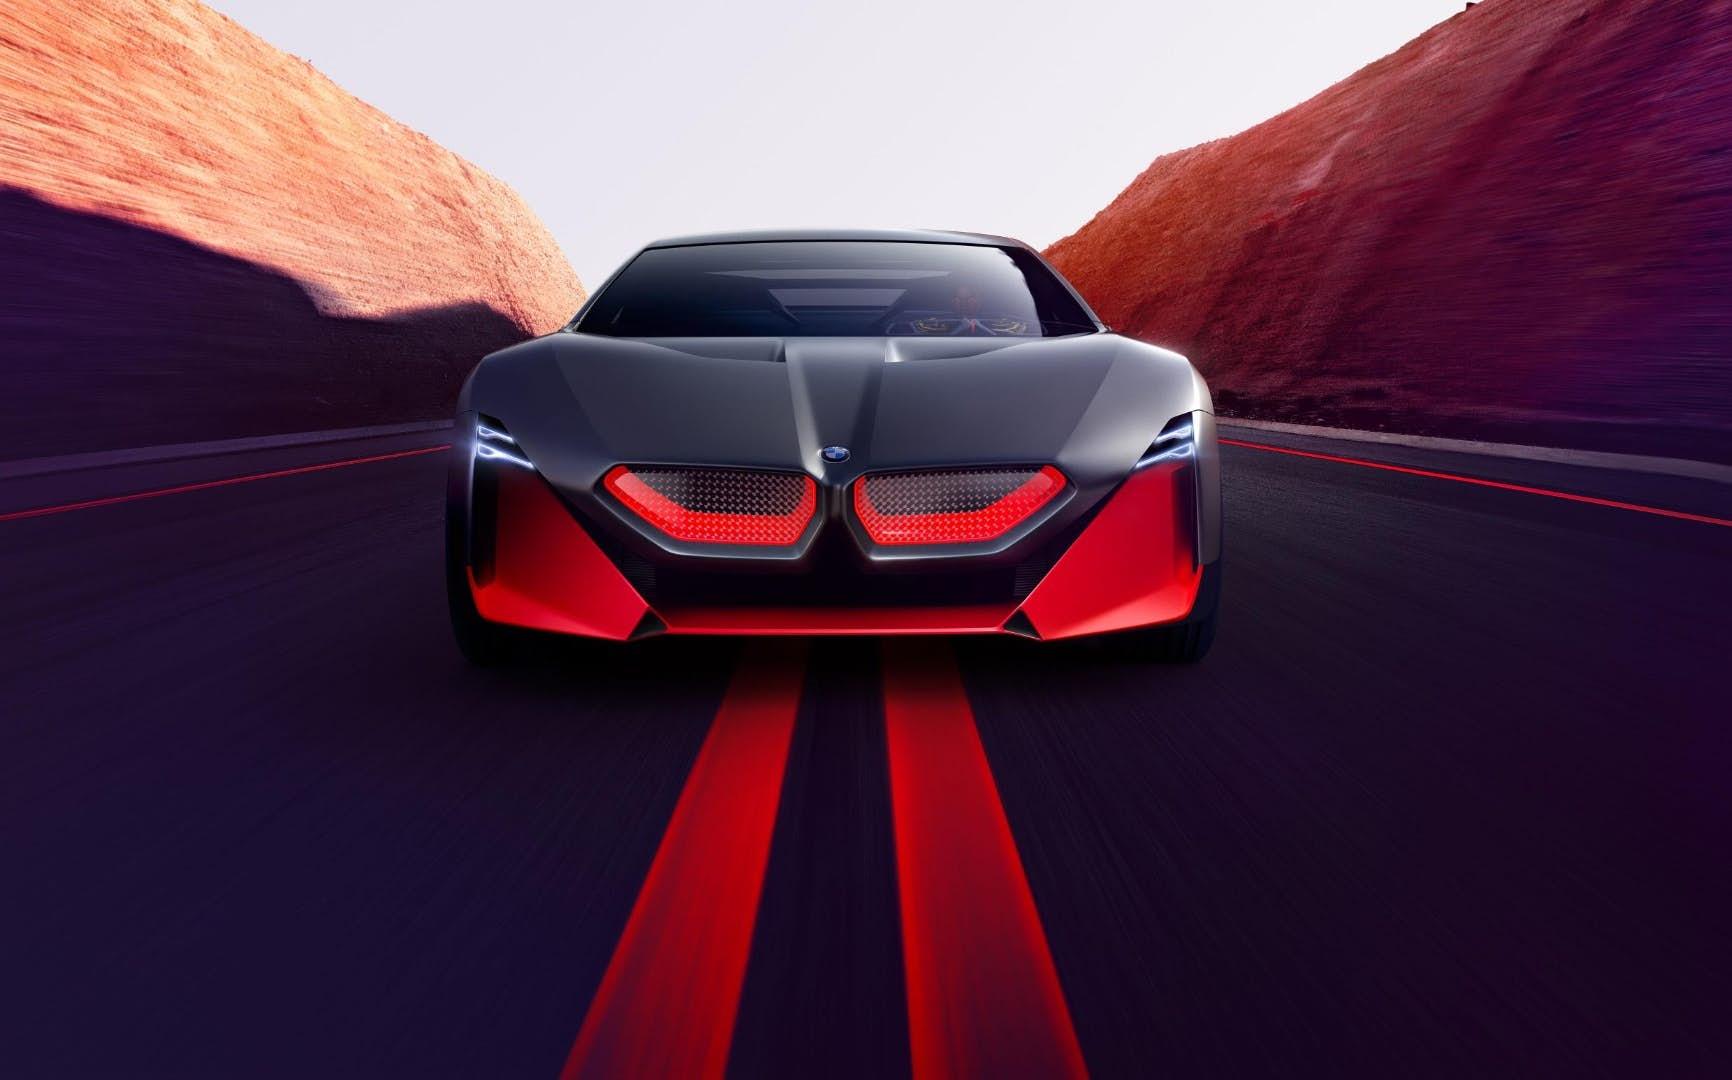 宝马Vision M NEXT概念车官图发布:极具科幻质感的未来汽车新理念